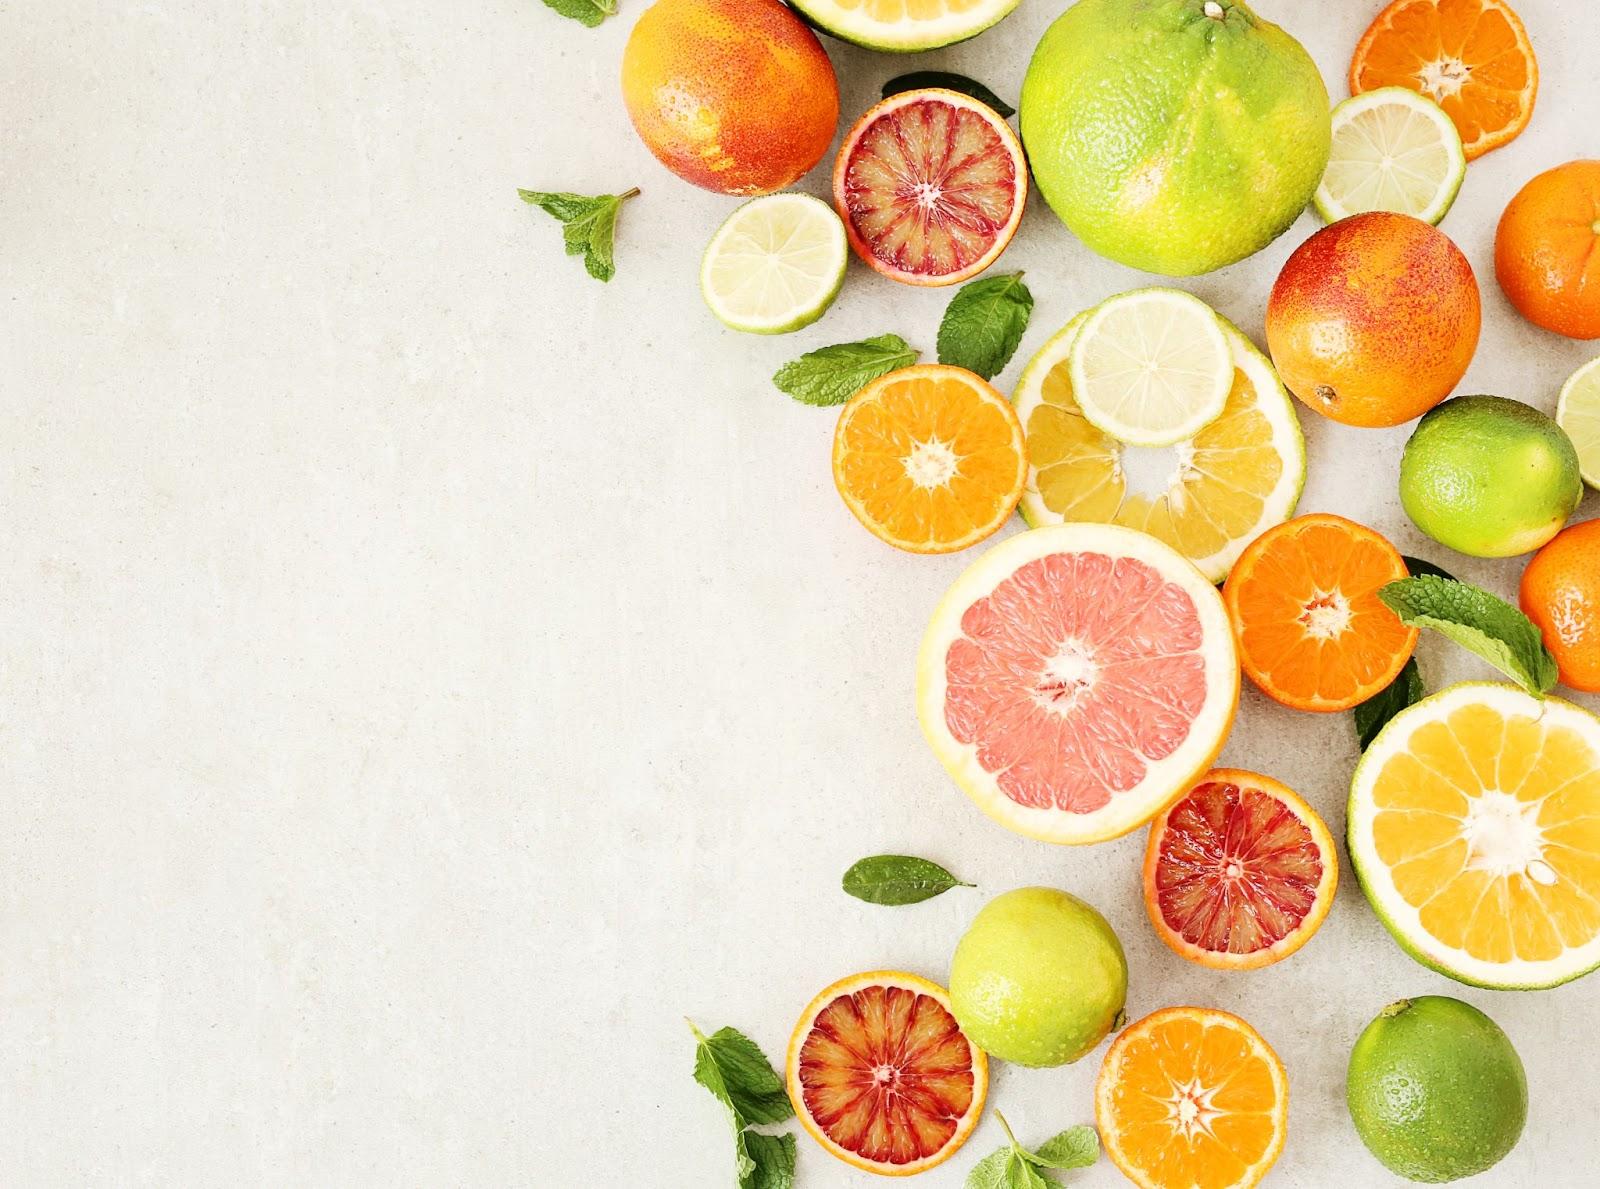 Tại sao phải lựa chọn trái cây chứa nhiều collagen